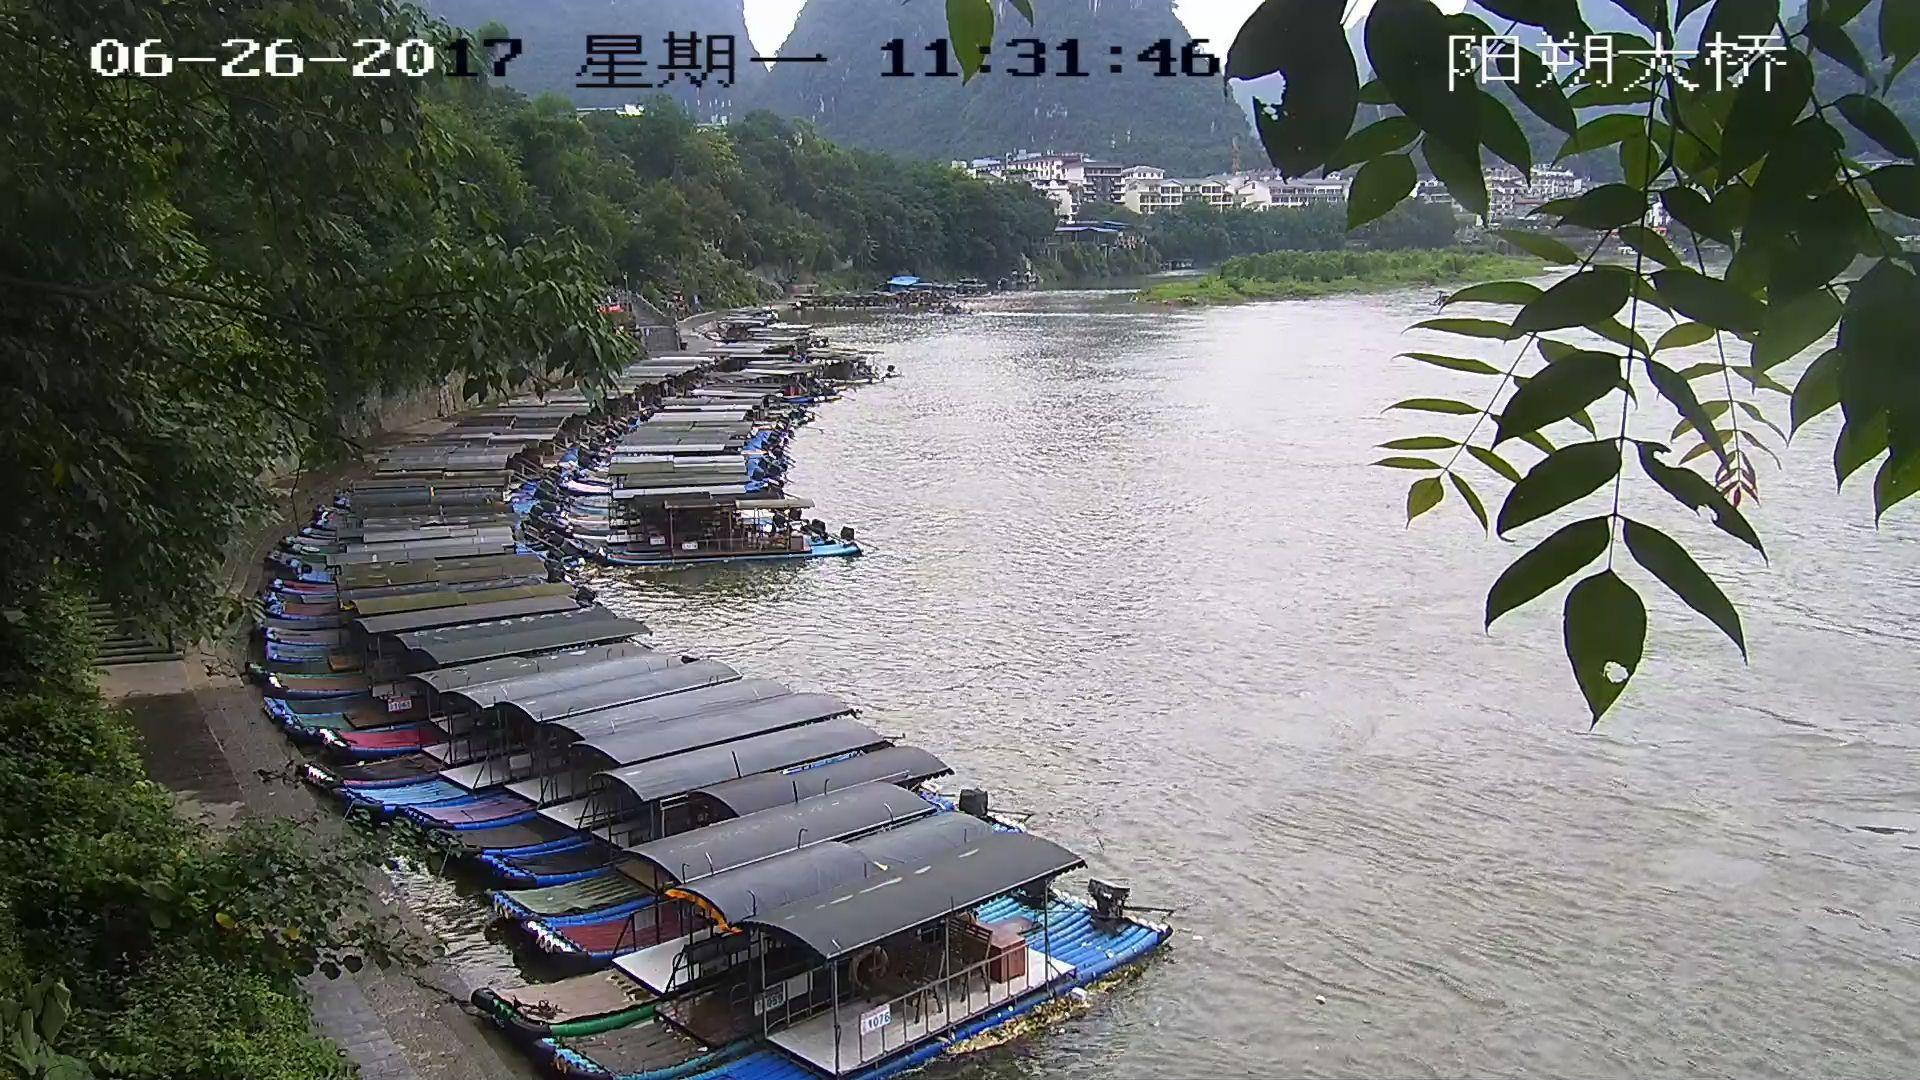 广西桂林继续遭遇大暴雨 漓江排筏全线封航